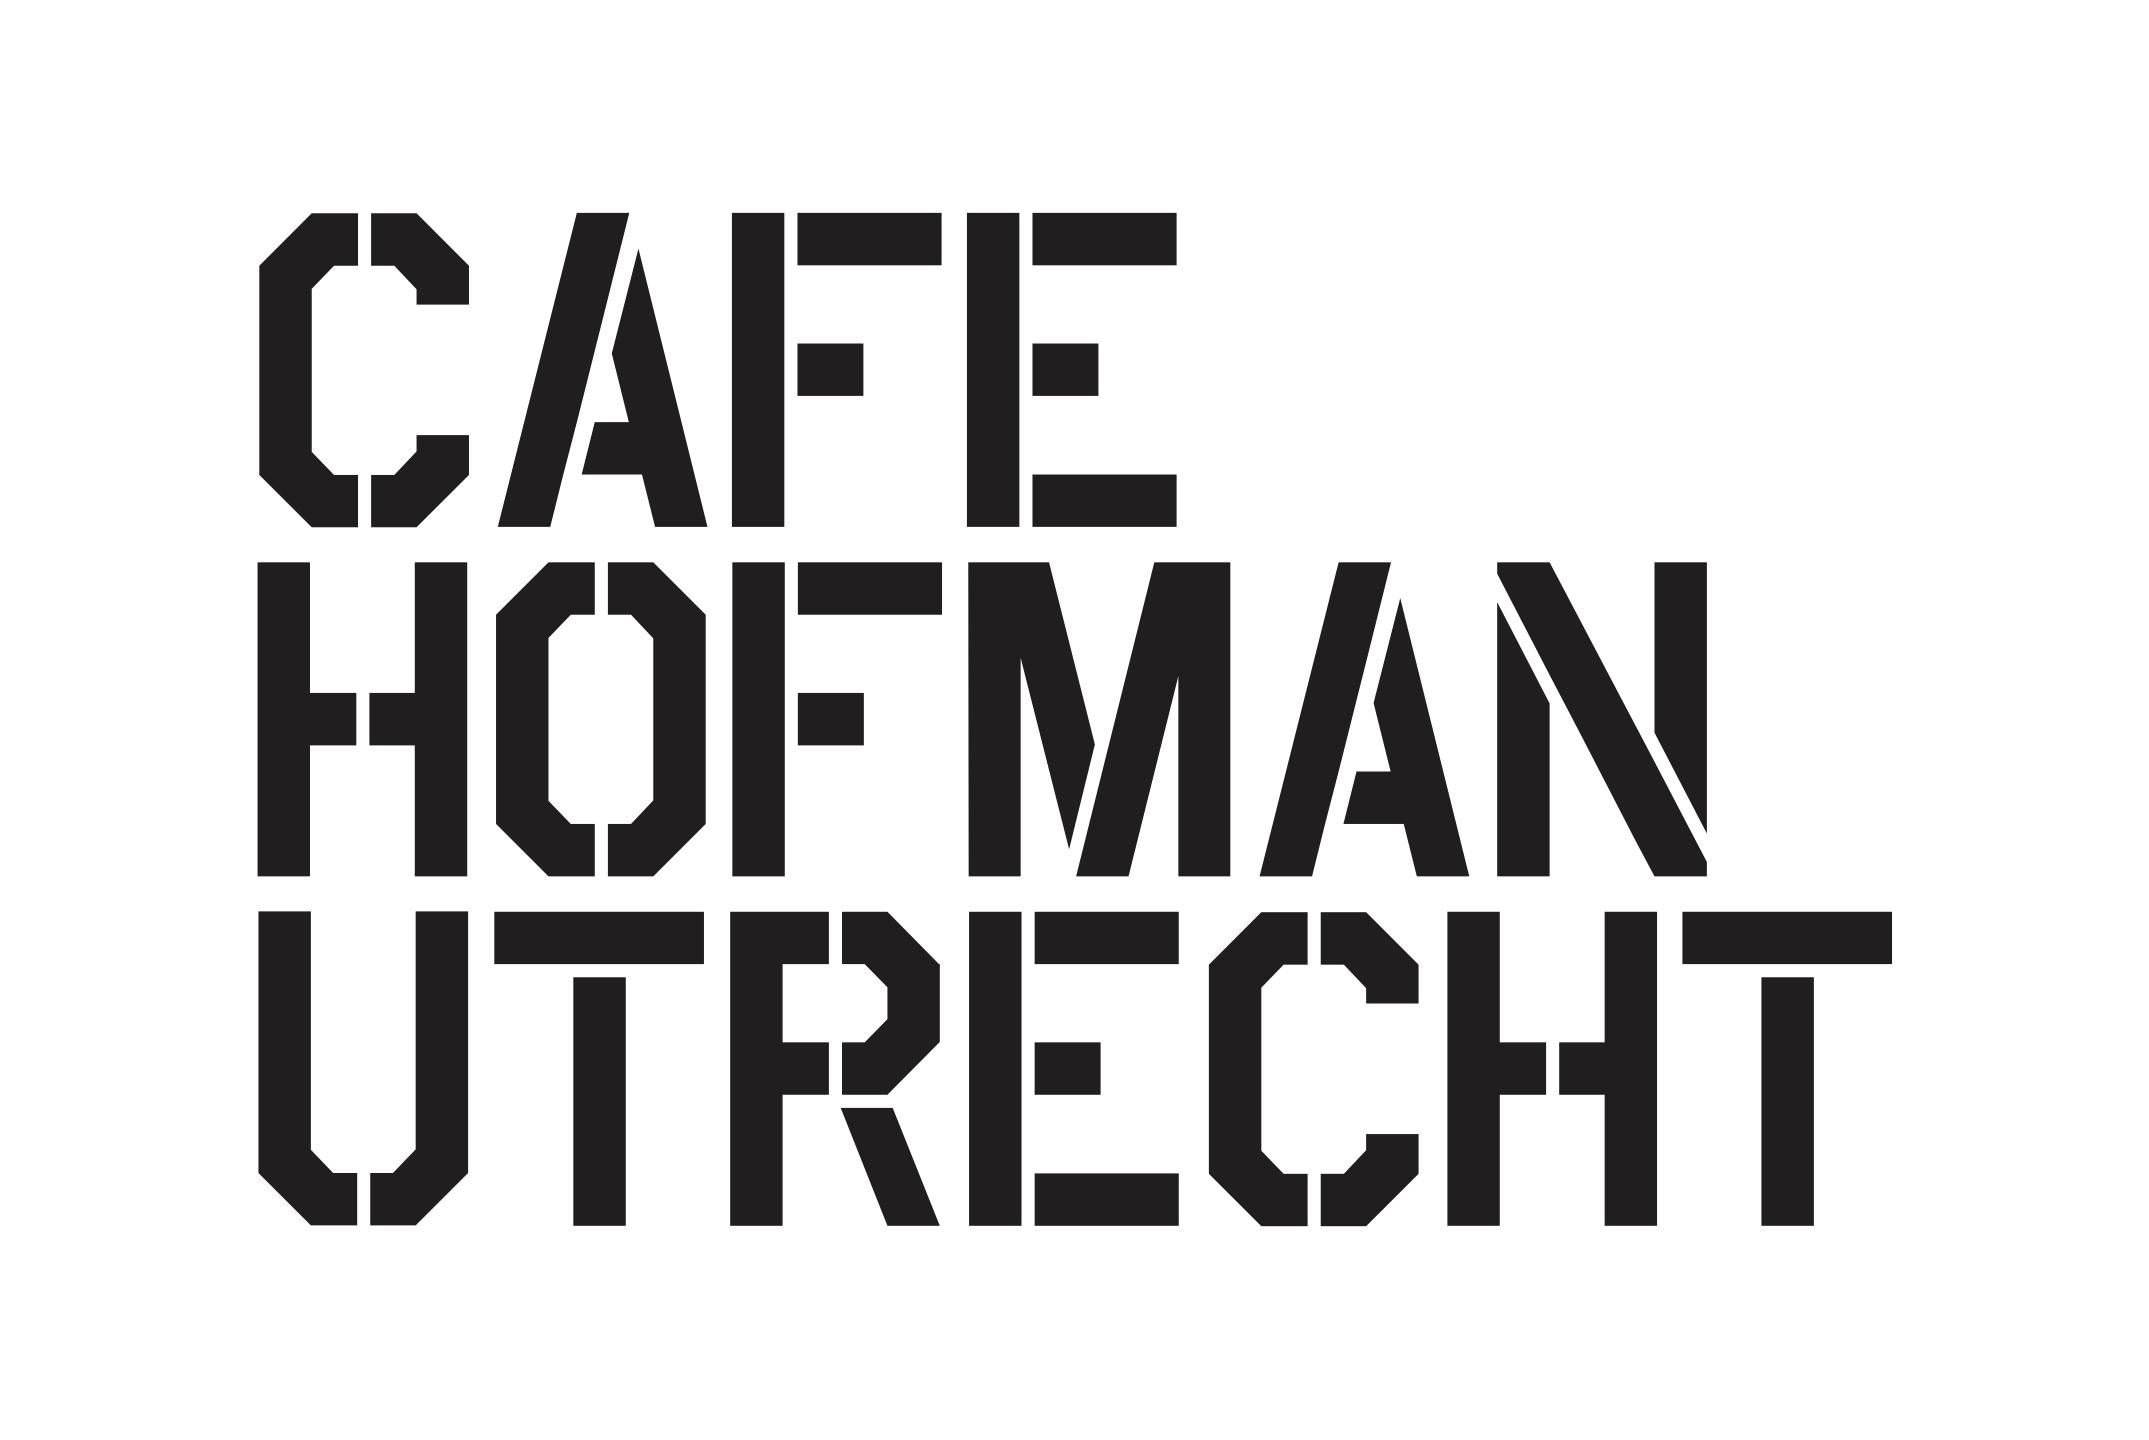 Ticket kopen voor evenement Pubquiz Hofman: Friends (Thema Quiz)